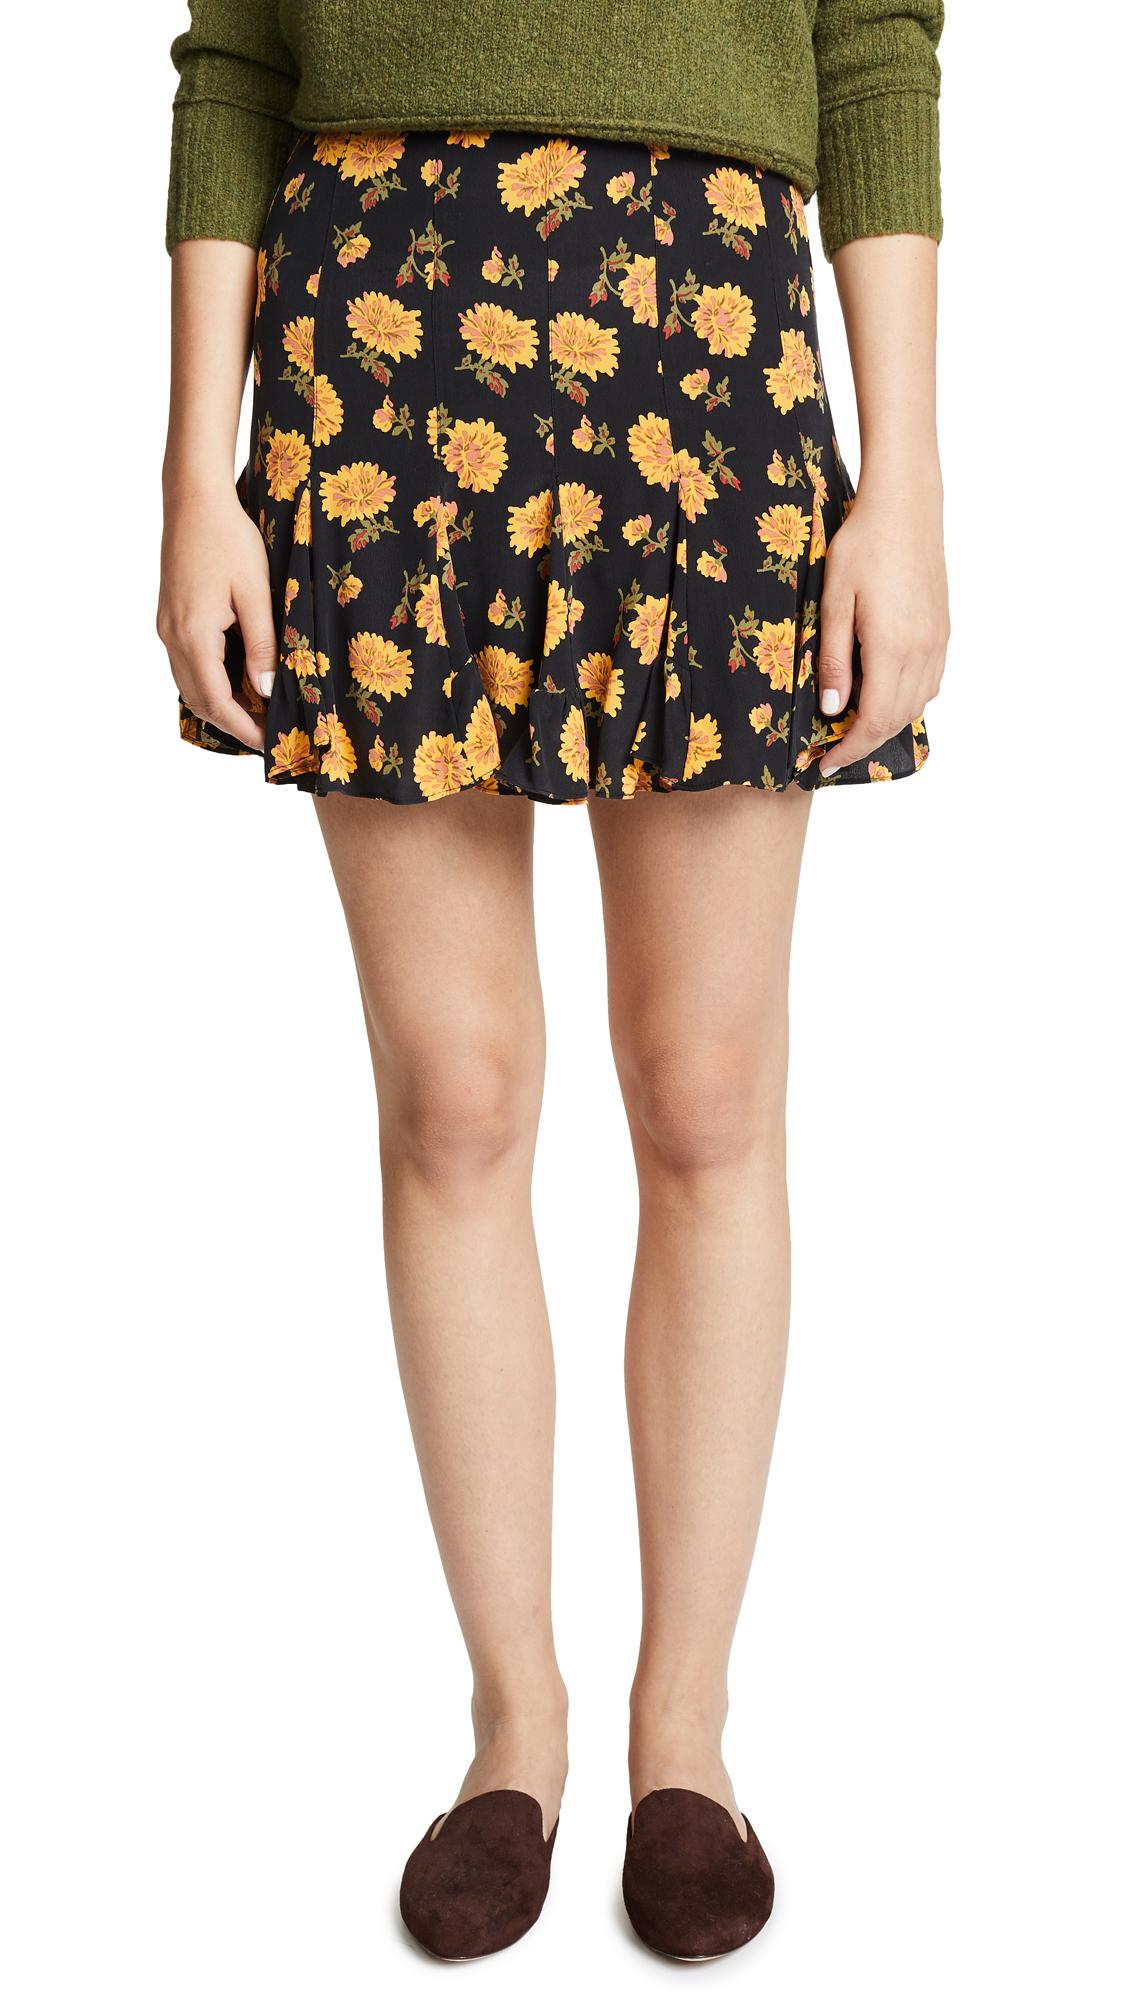 Veronica Beard Weller Skirt In Black Multi